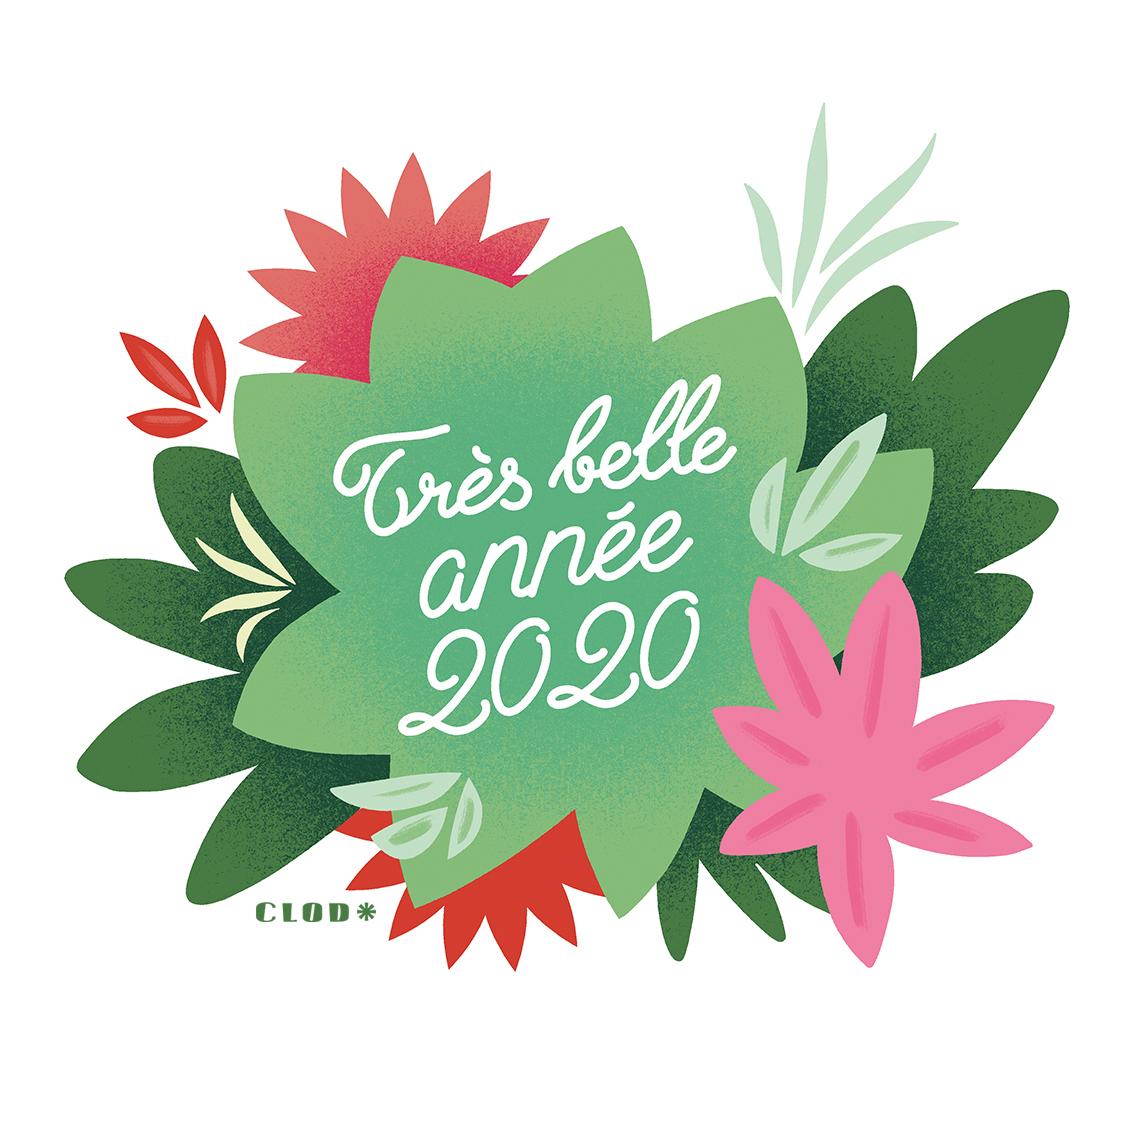 Vœux 2020 de Clod illustrateur